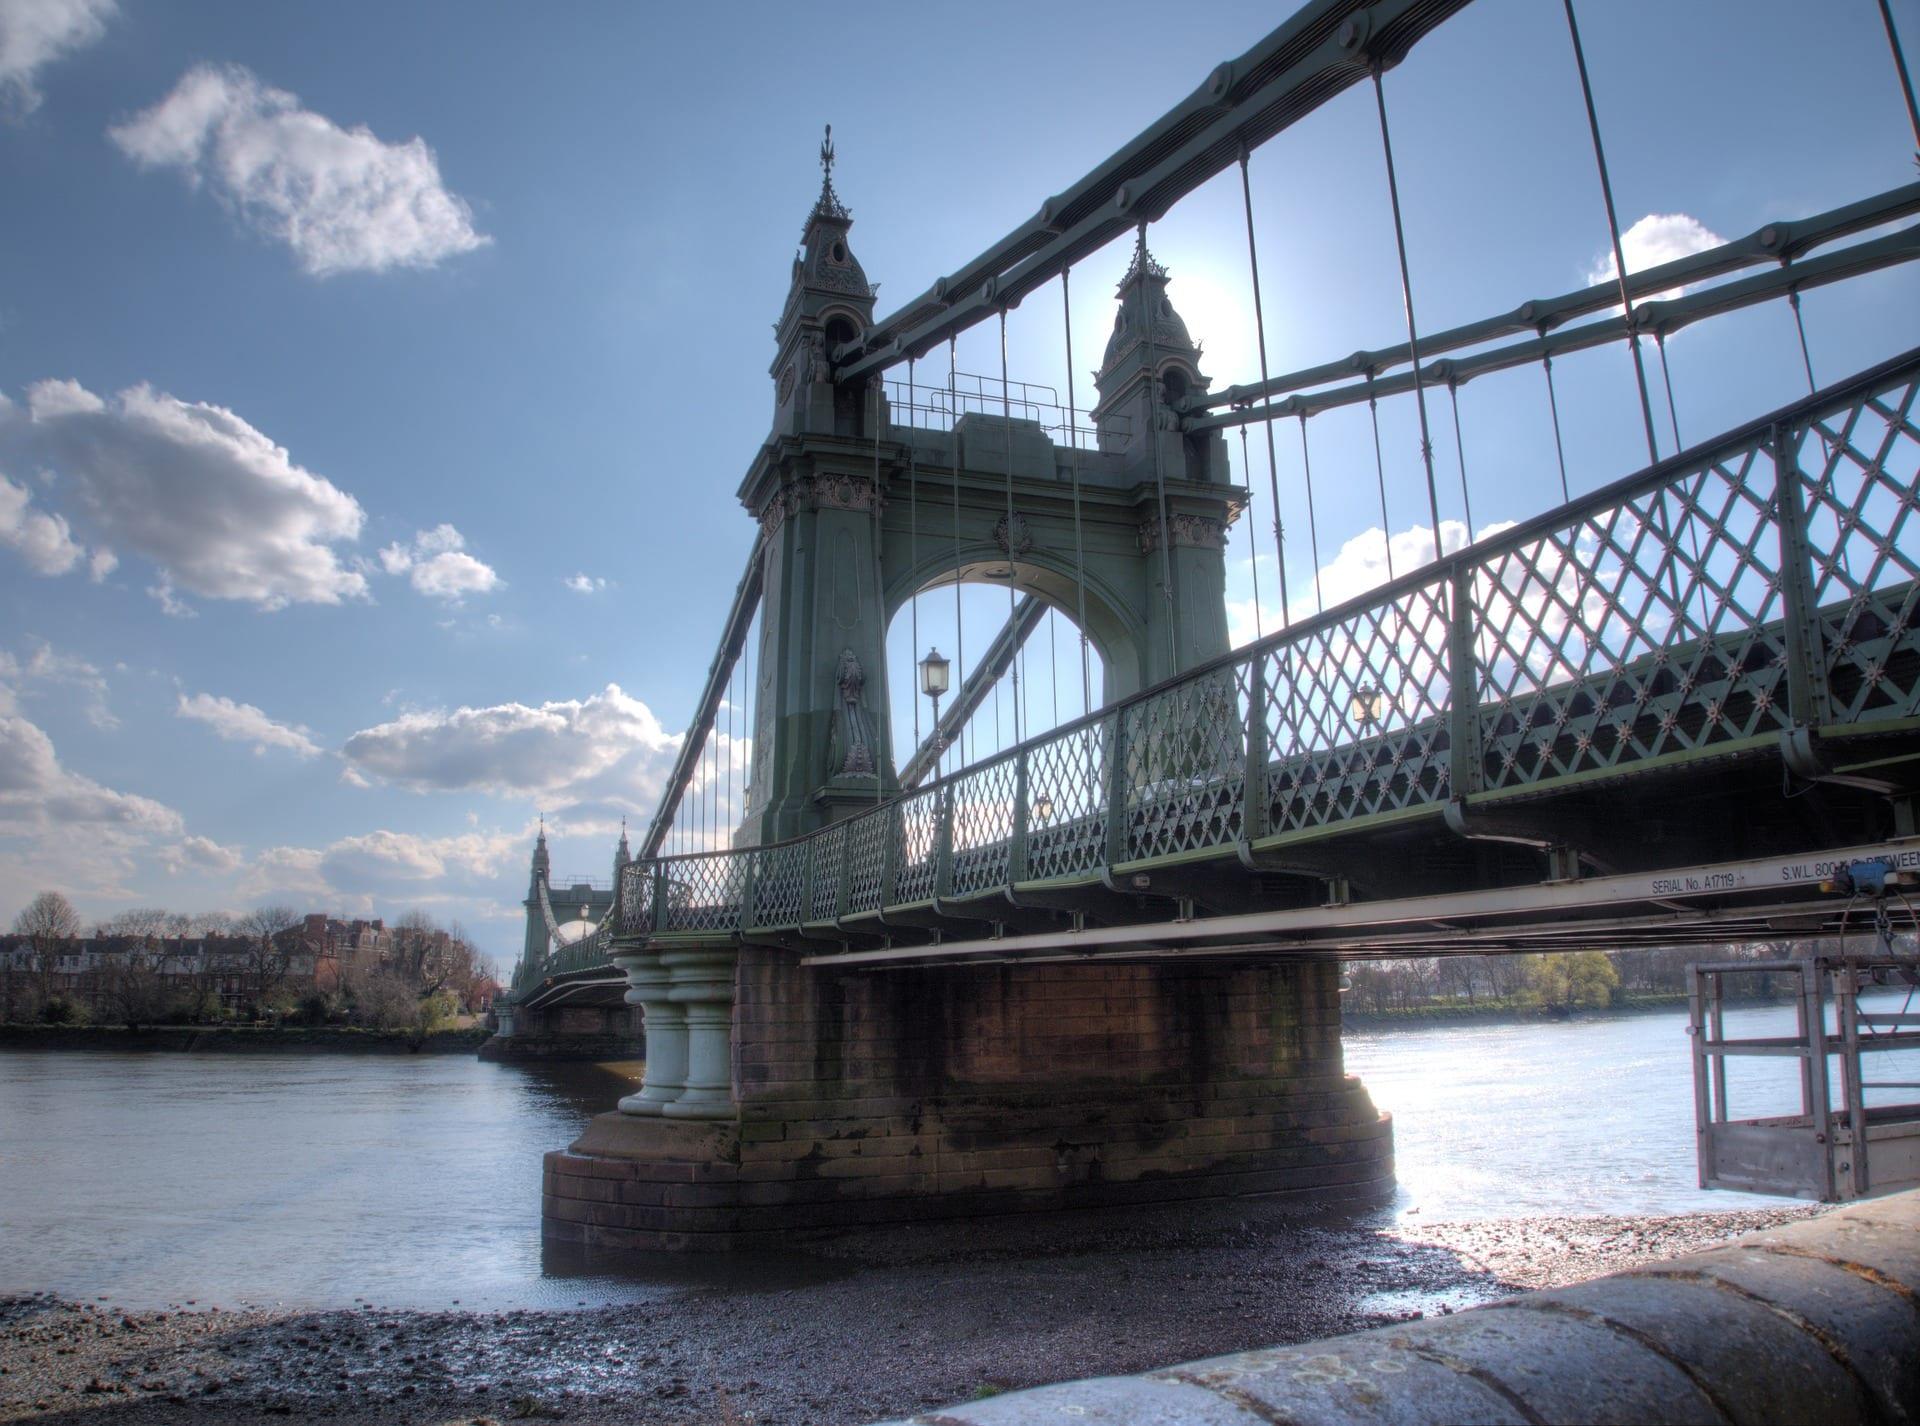 Puentes sobre el río de Londres